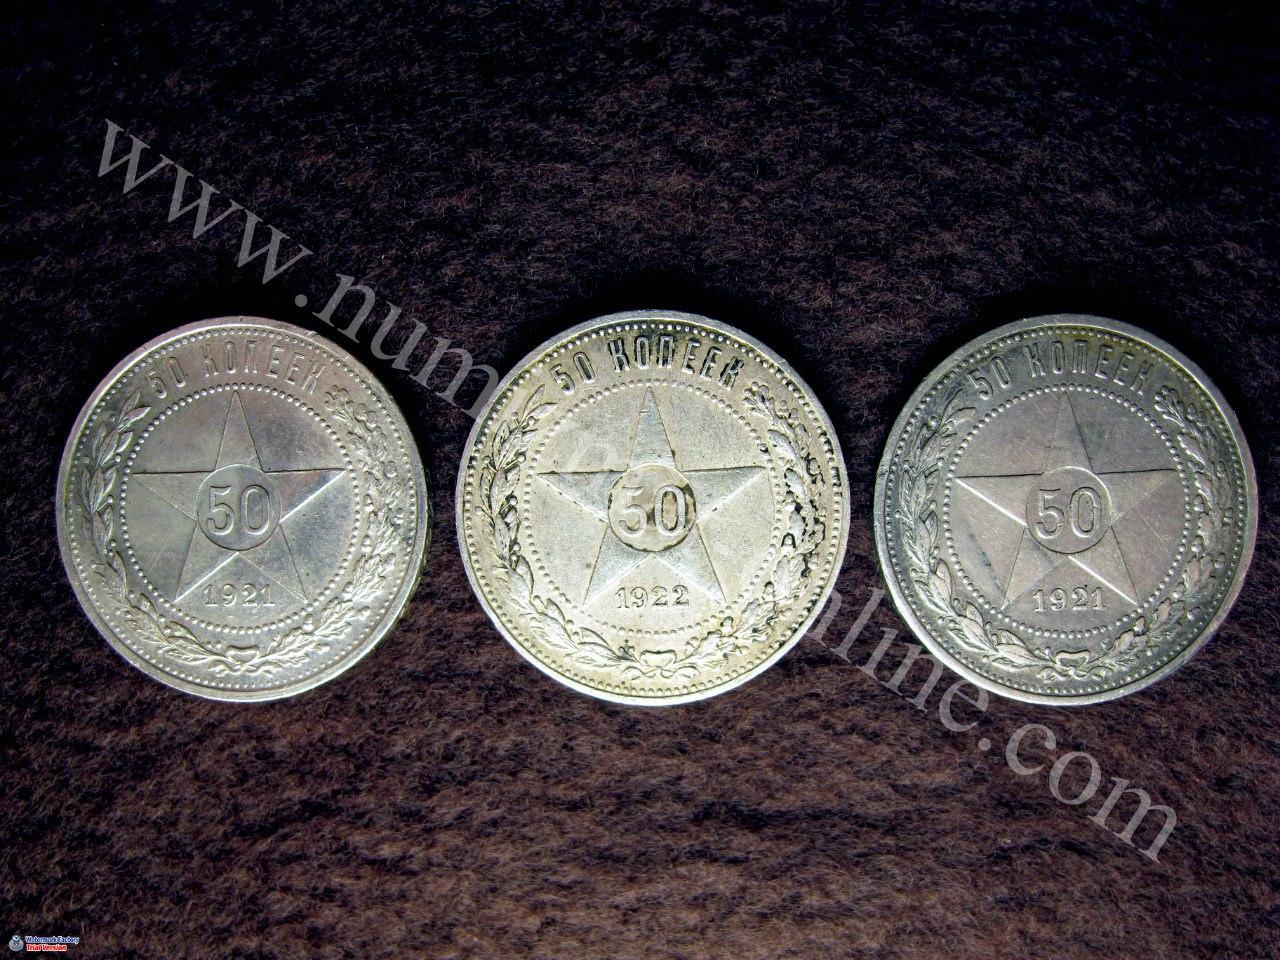 50 копеек 1921, 1922 года. Серебро РСФСР. Реверс